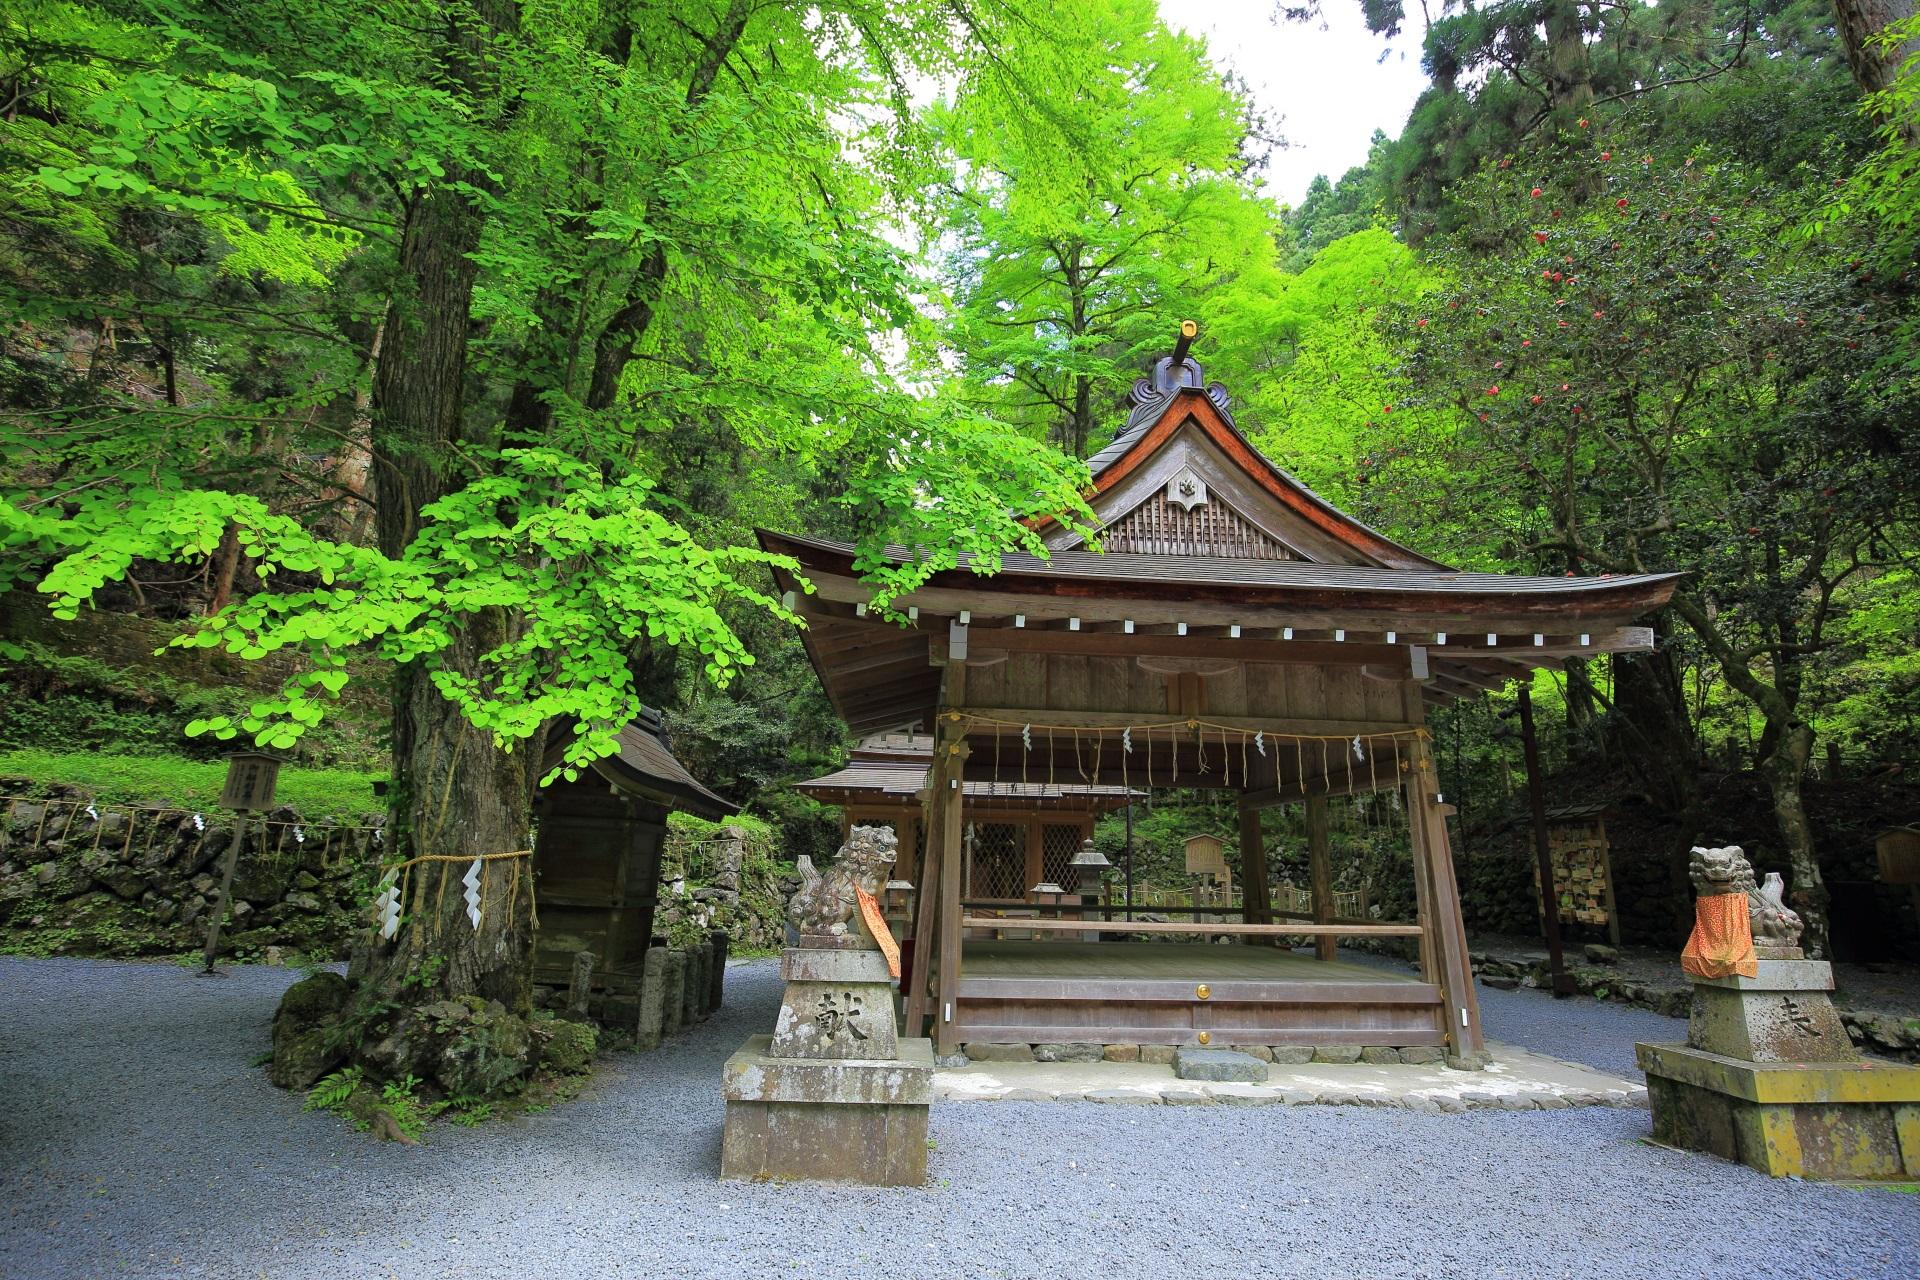 貴船神社の奥宮の拝殿と新緑